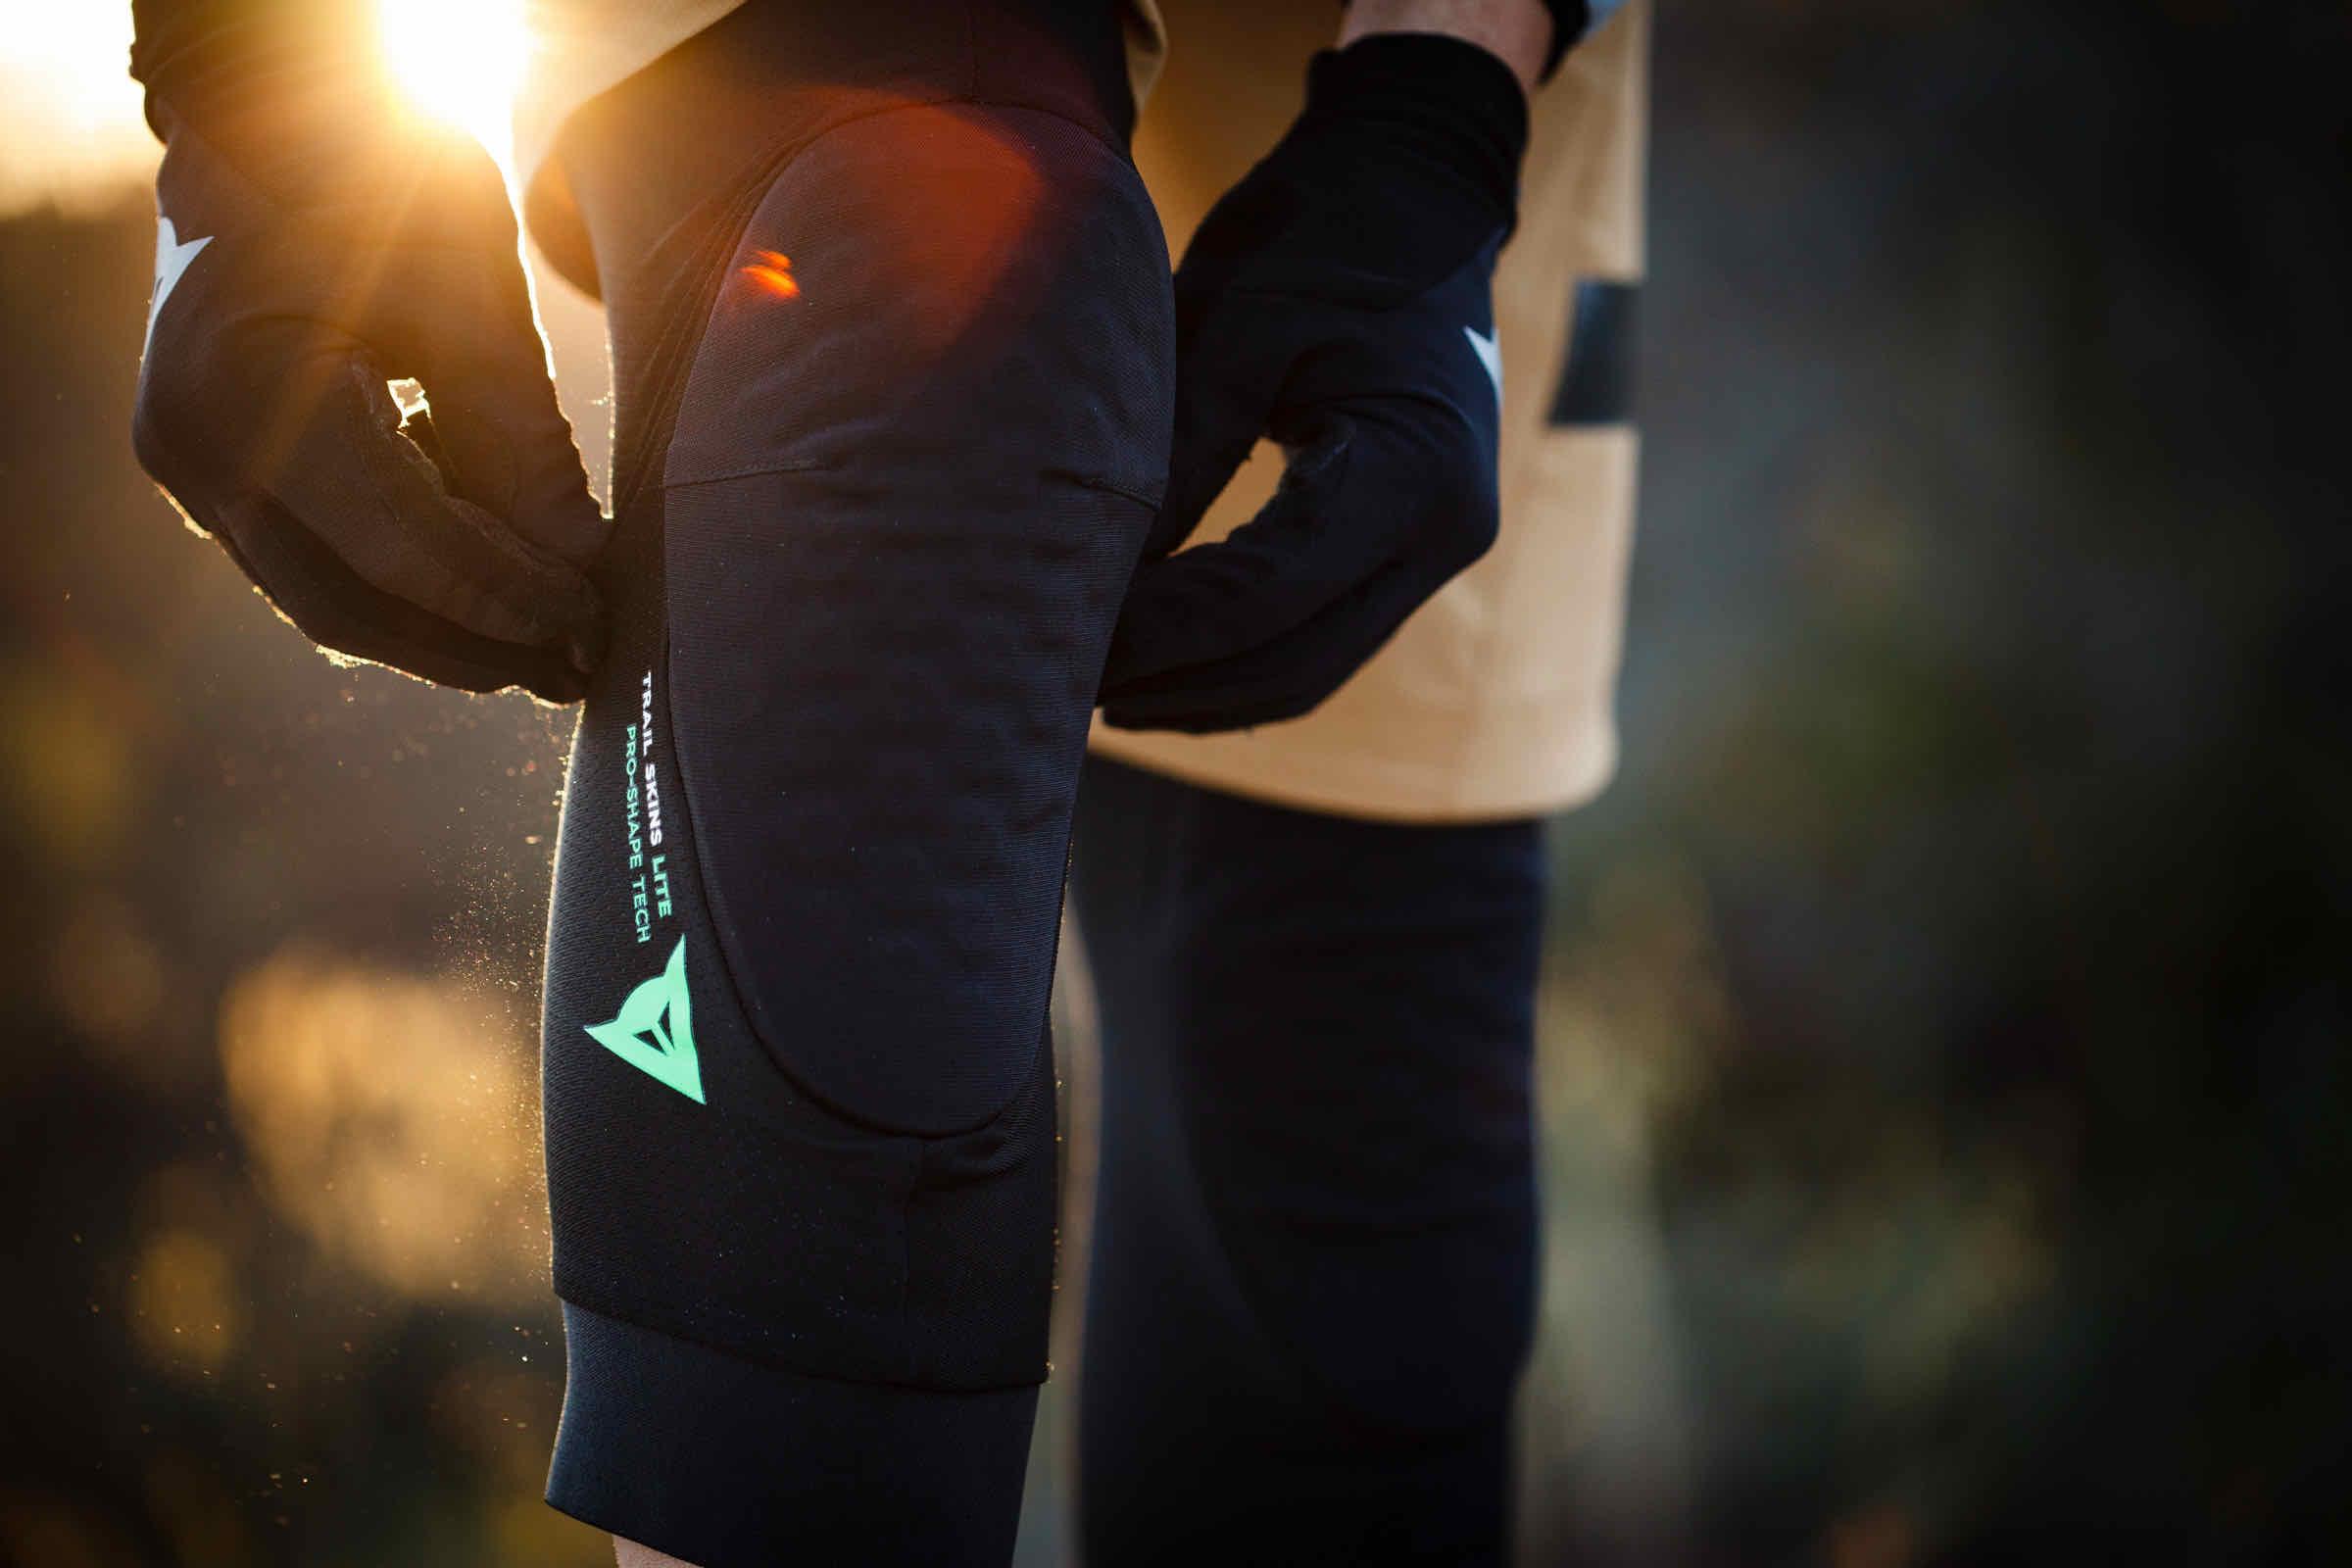 Rodilleras Dainese Trail Skins Lite